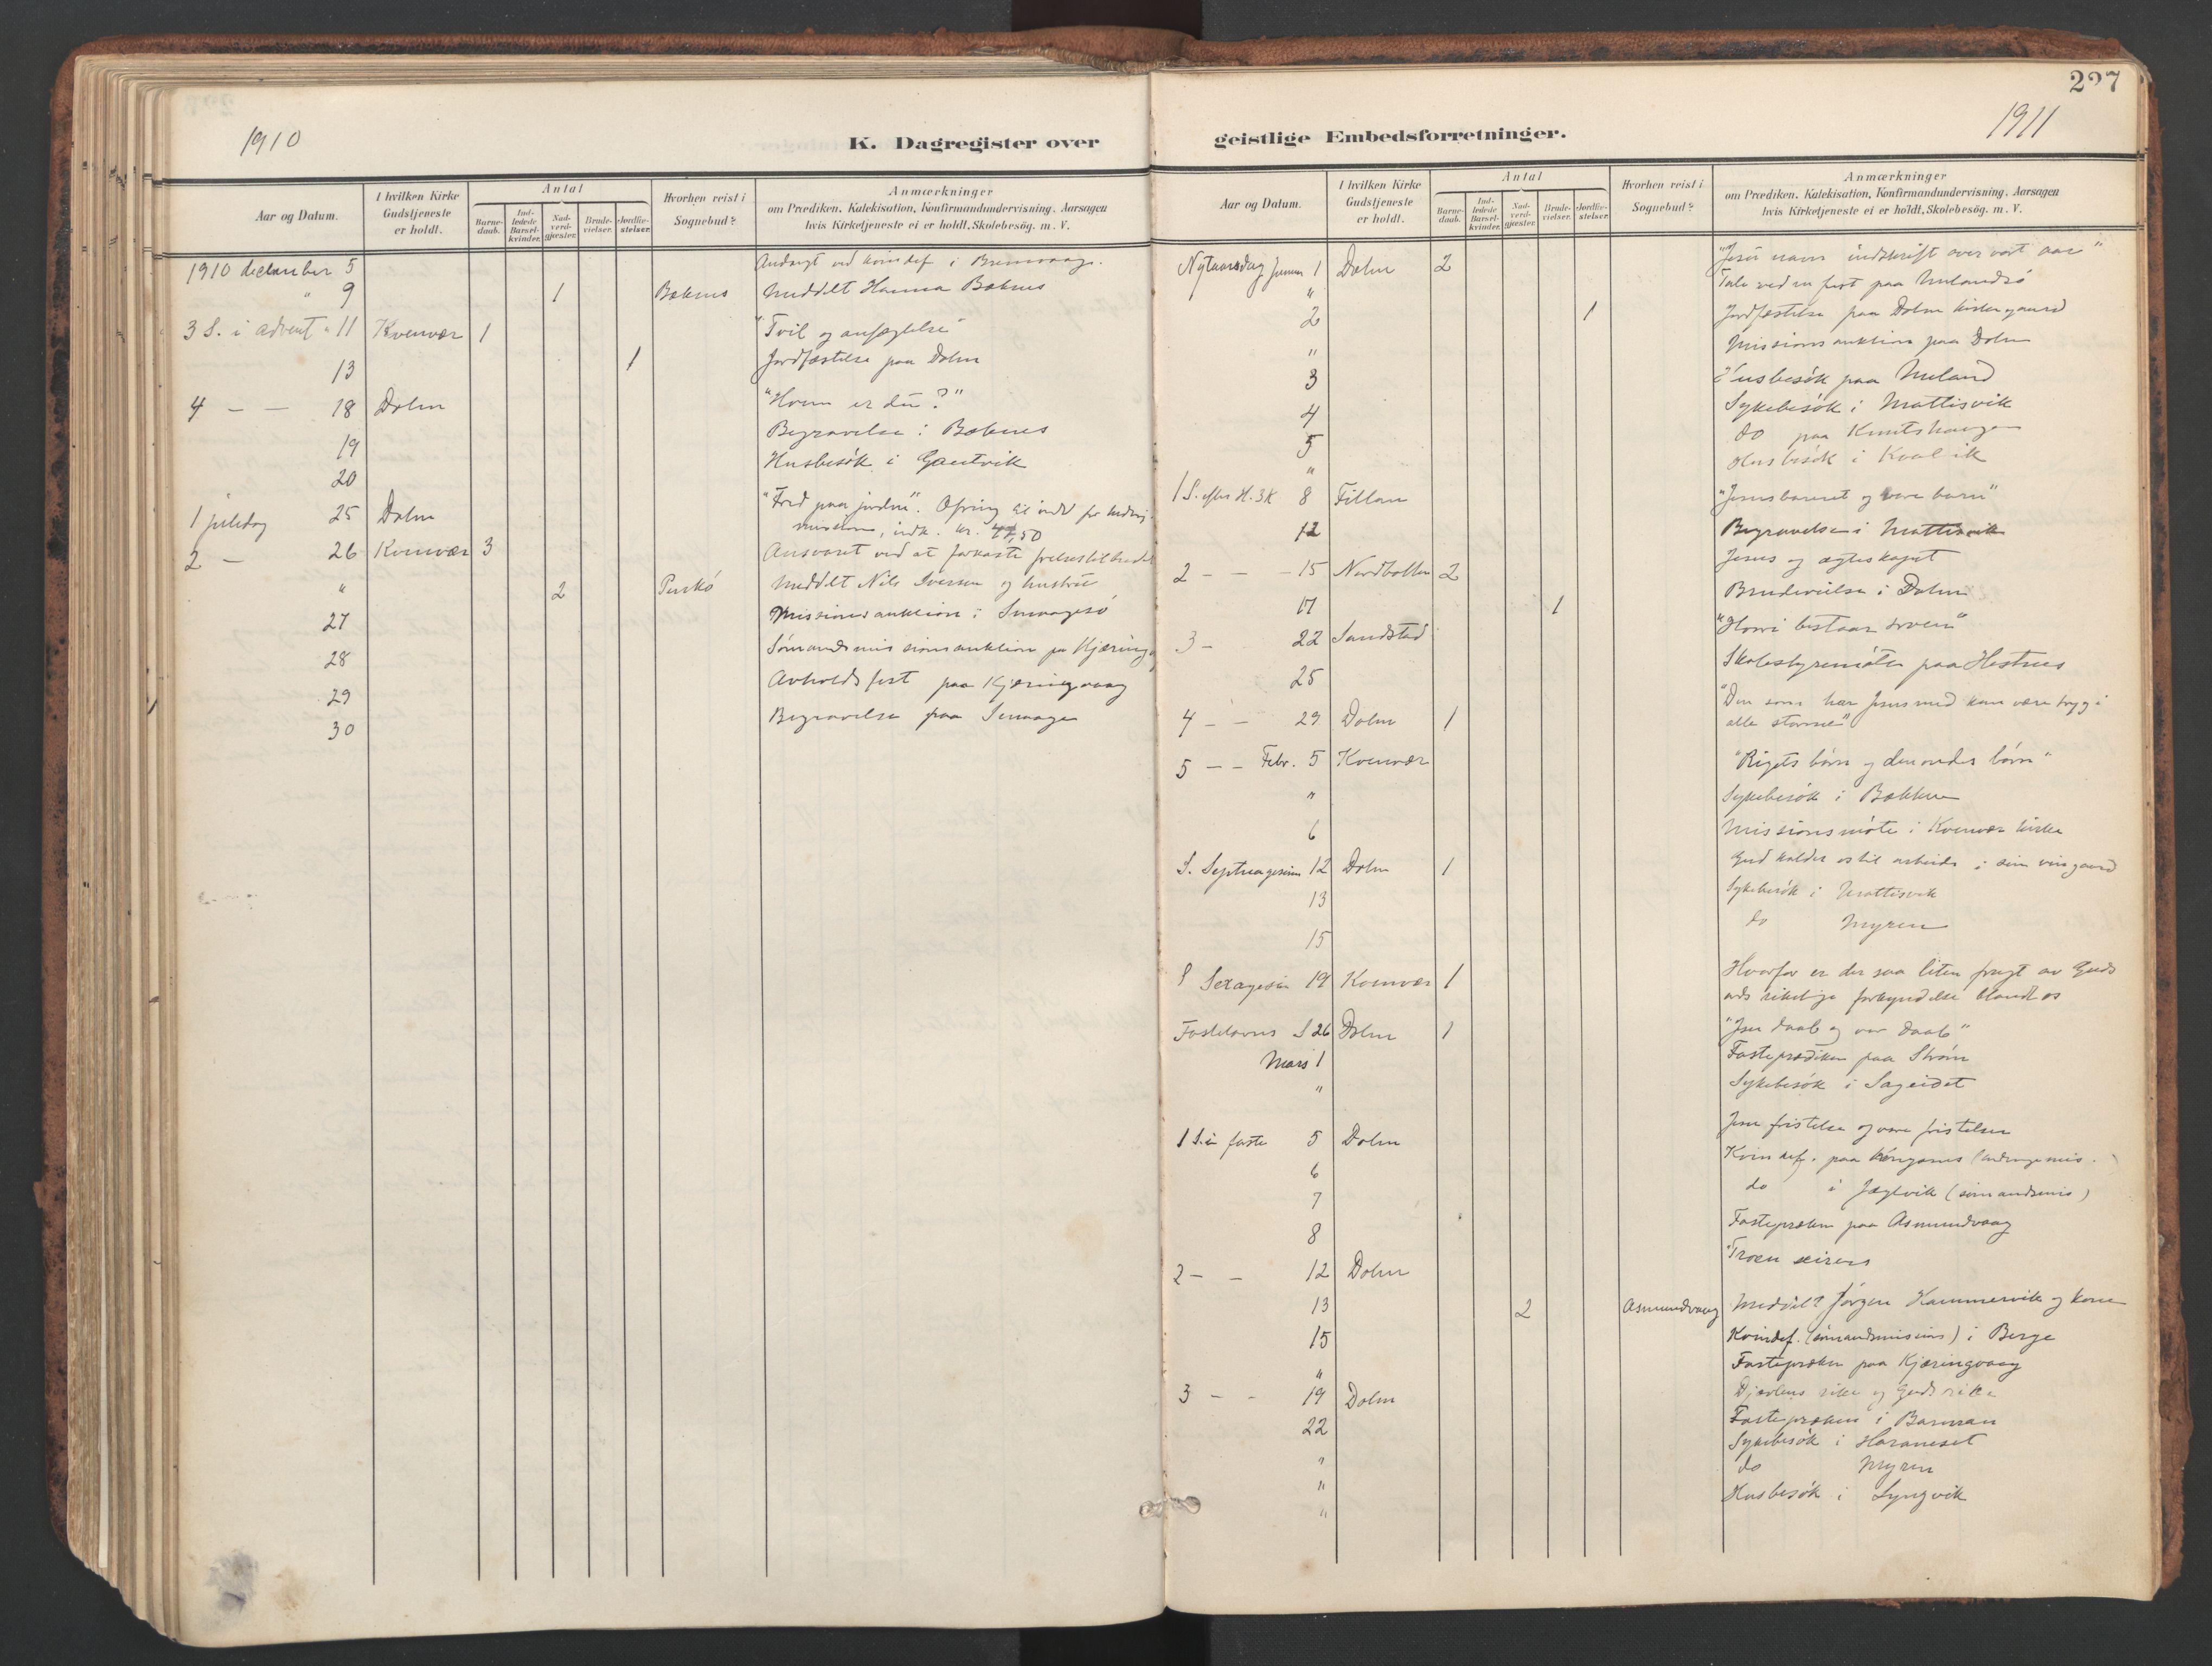 SAT, Ministerialprotokoller, klokkerbøker og fødselsregistre - Sør-Trøndelag, 634/L0537: Ministerialbok nr. 634A13, 1896-1922, s. 227